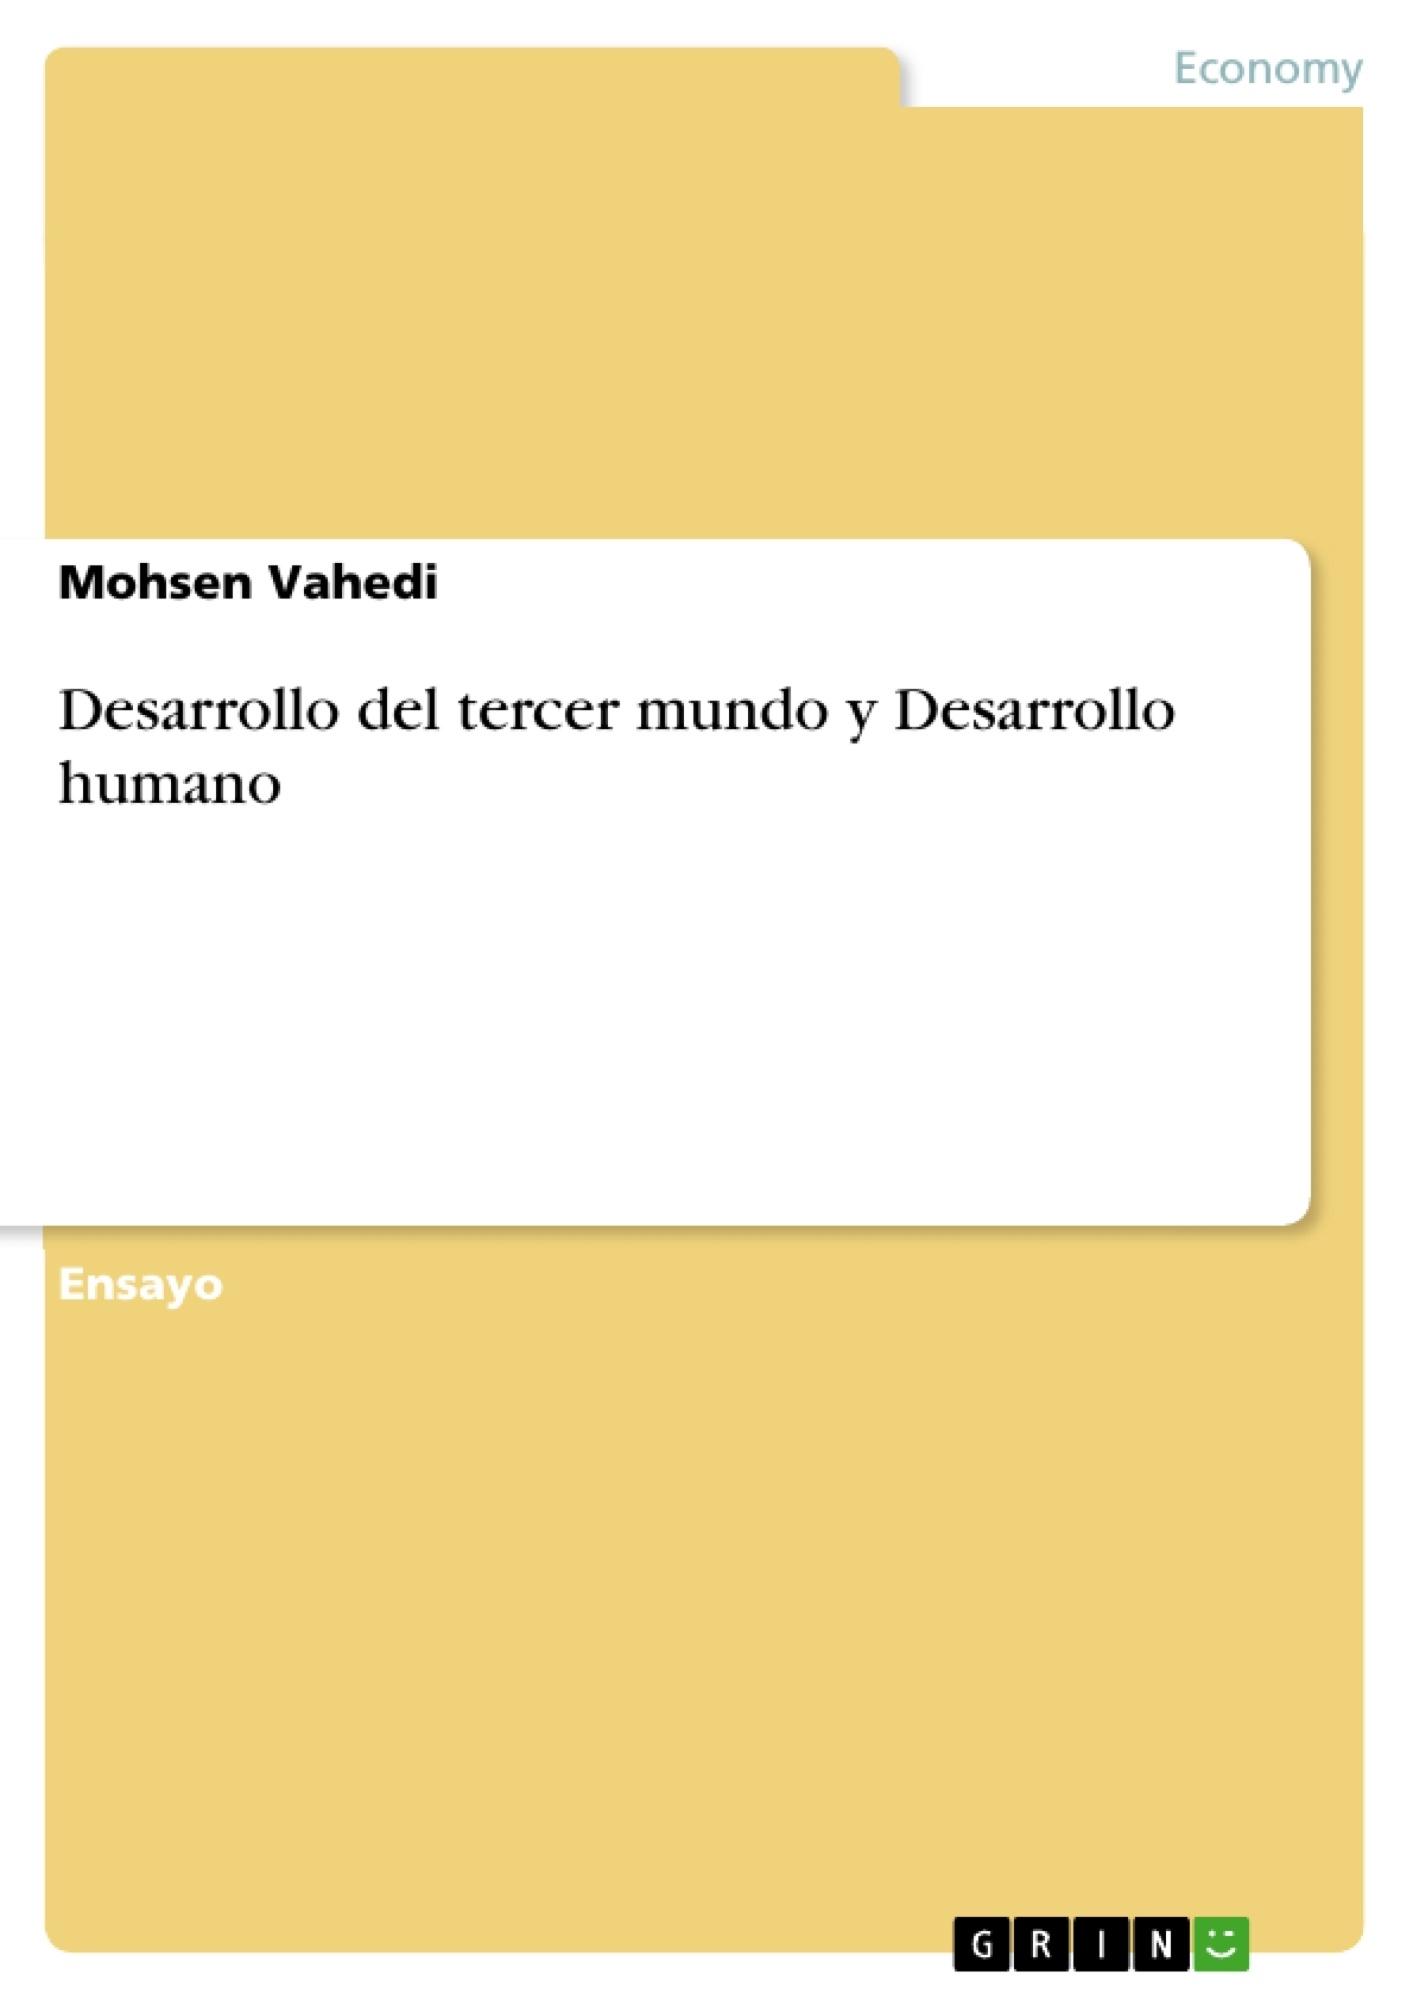 Título: Desarrollo del tercer mundo y Desarrollo humano